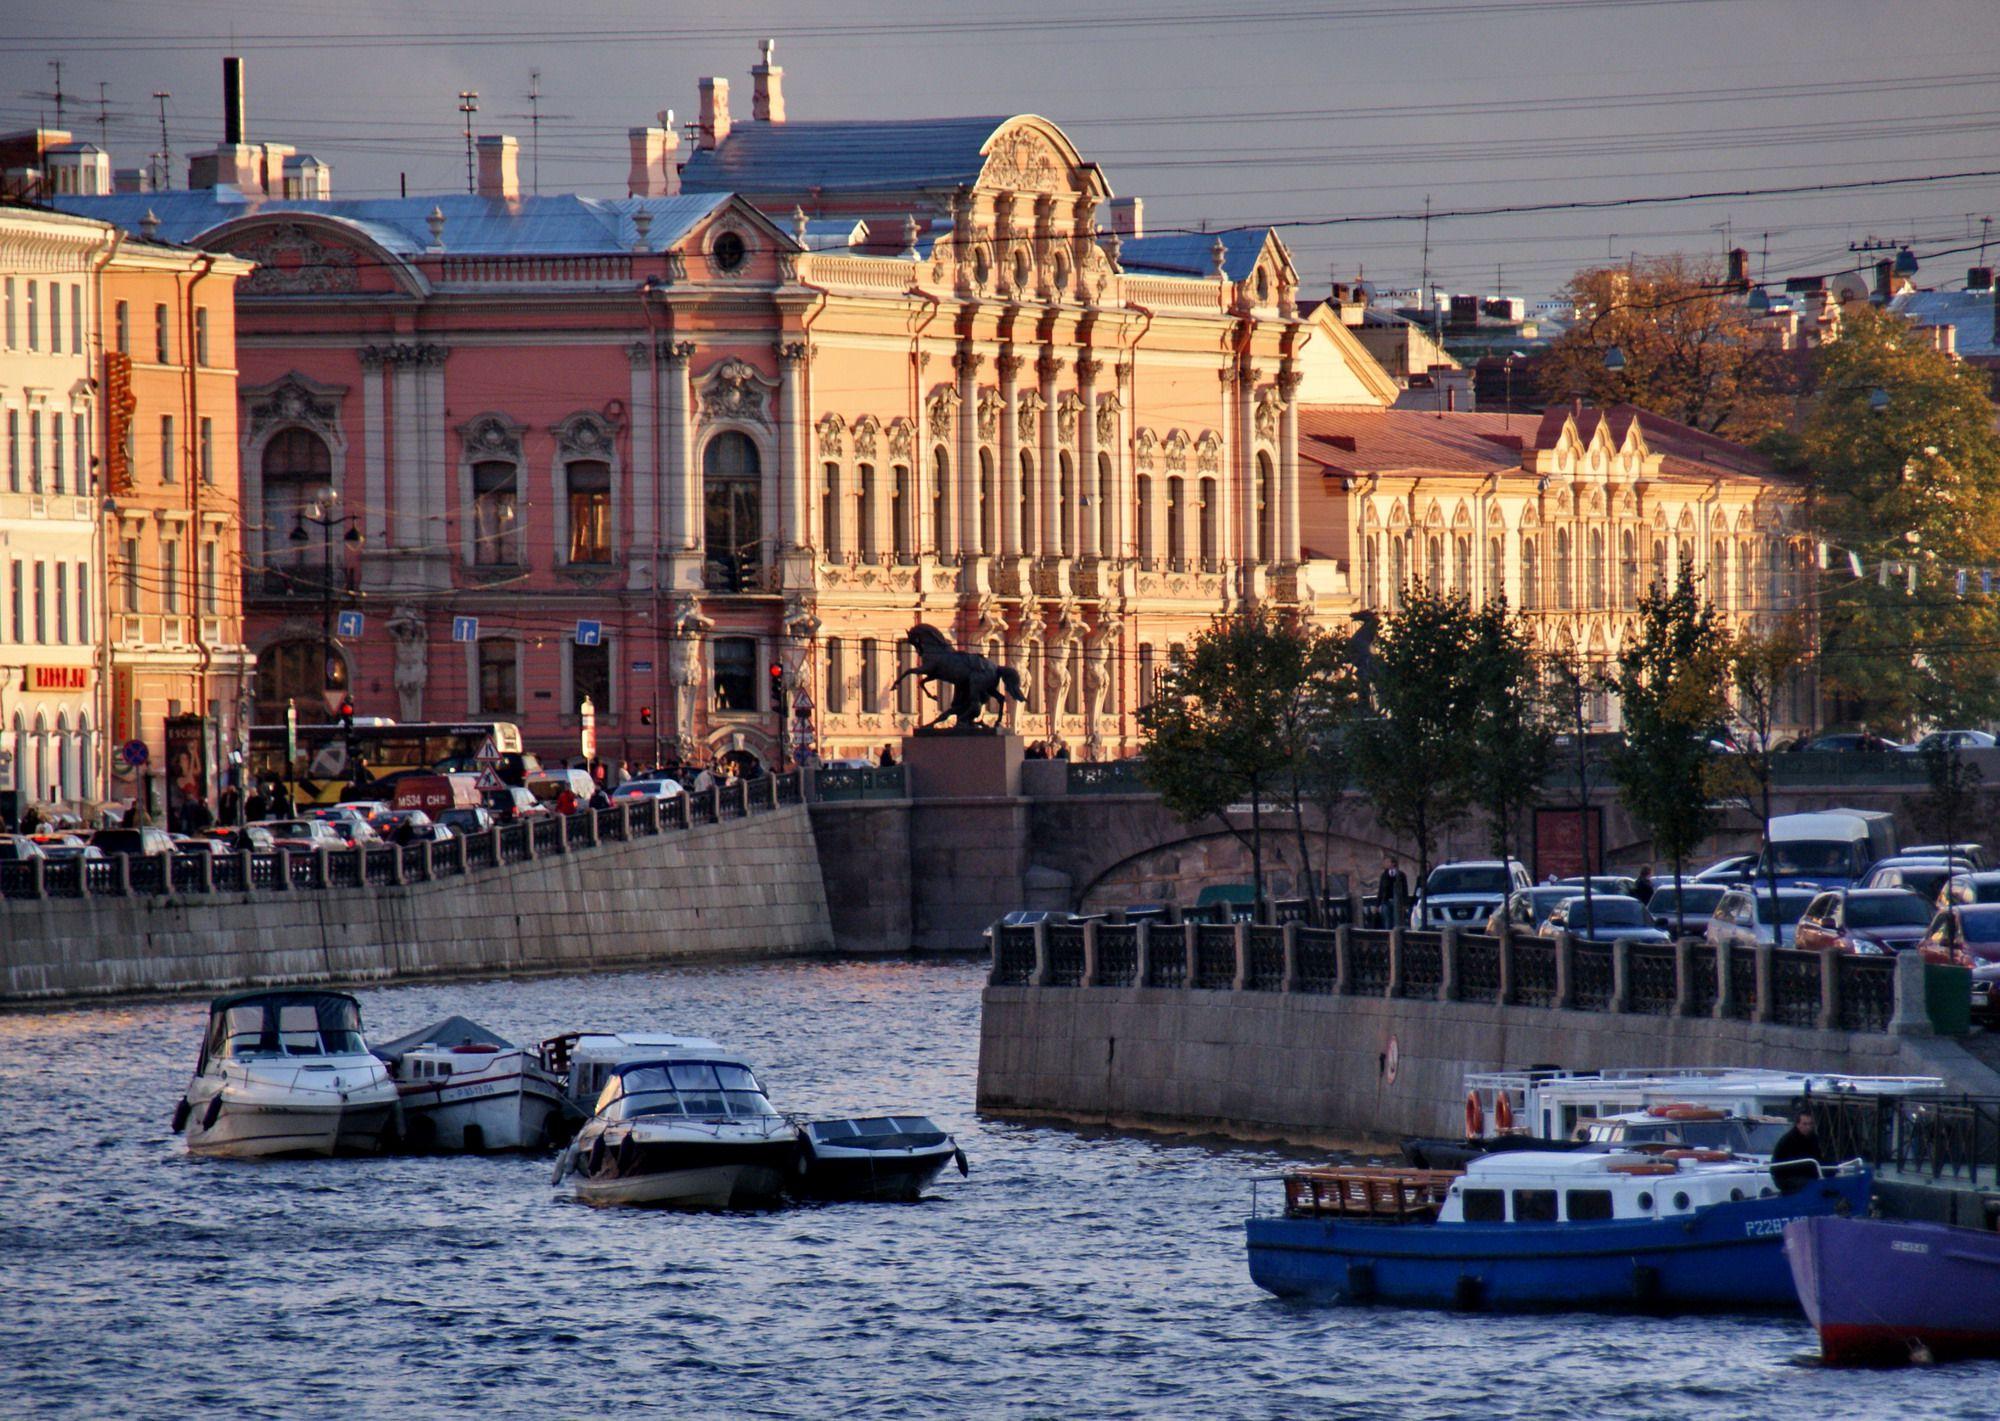 фото фонтанки в санкт петербурге были самыми дорогими